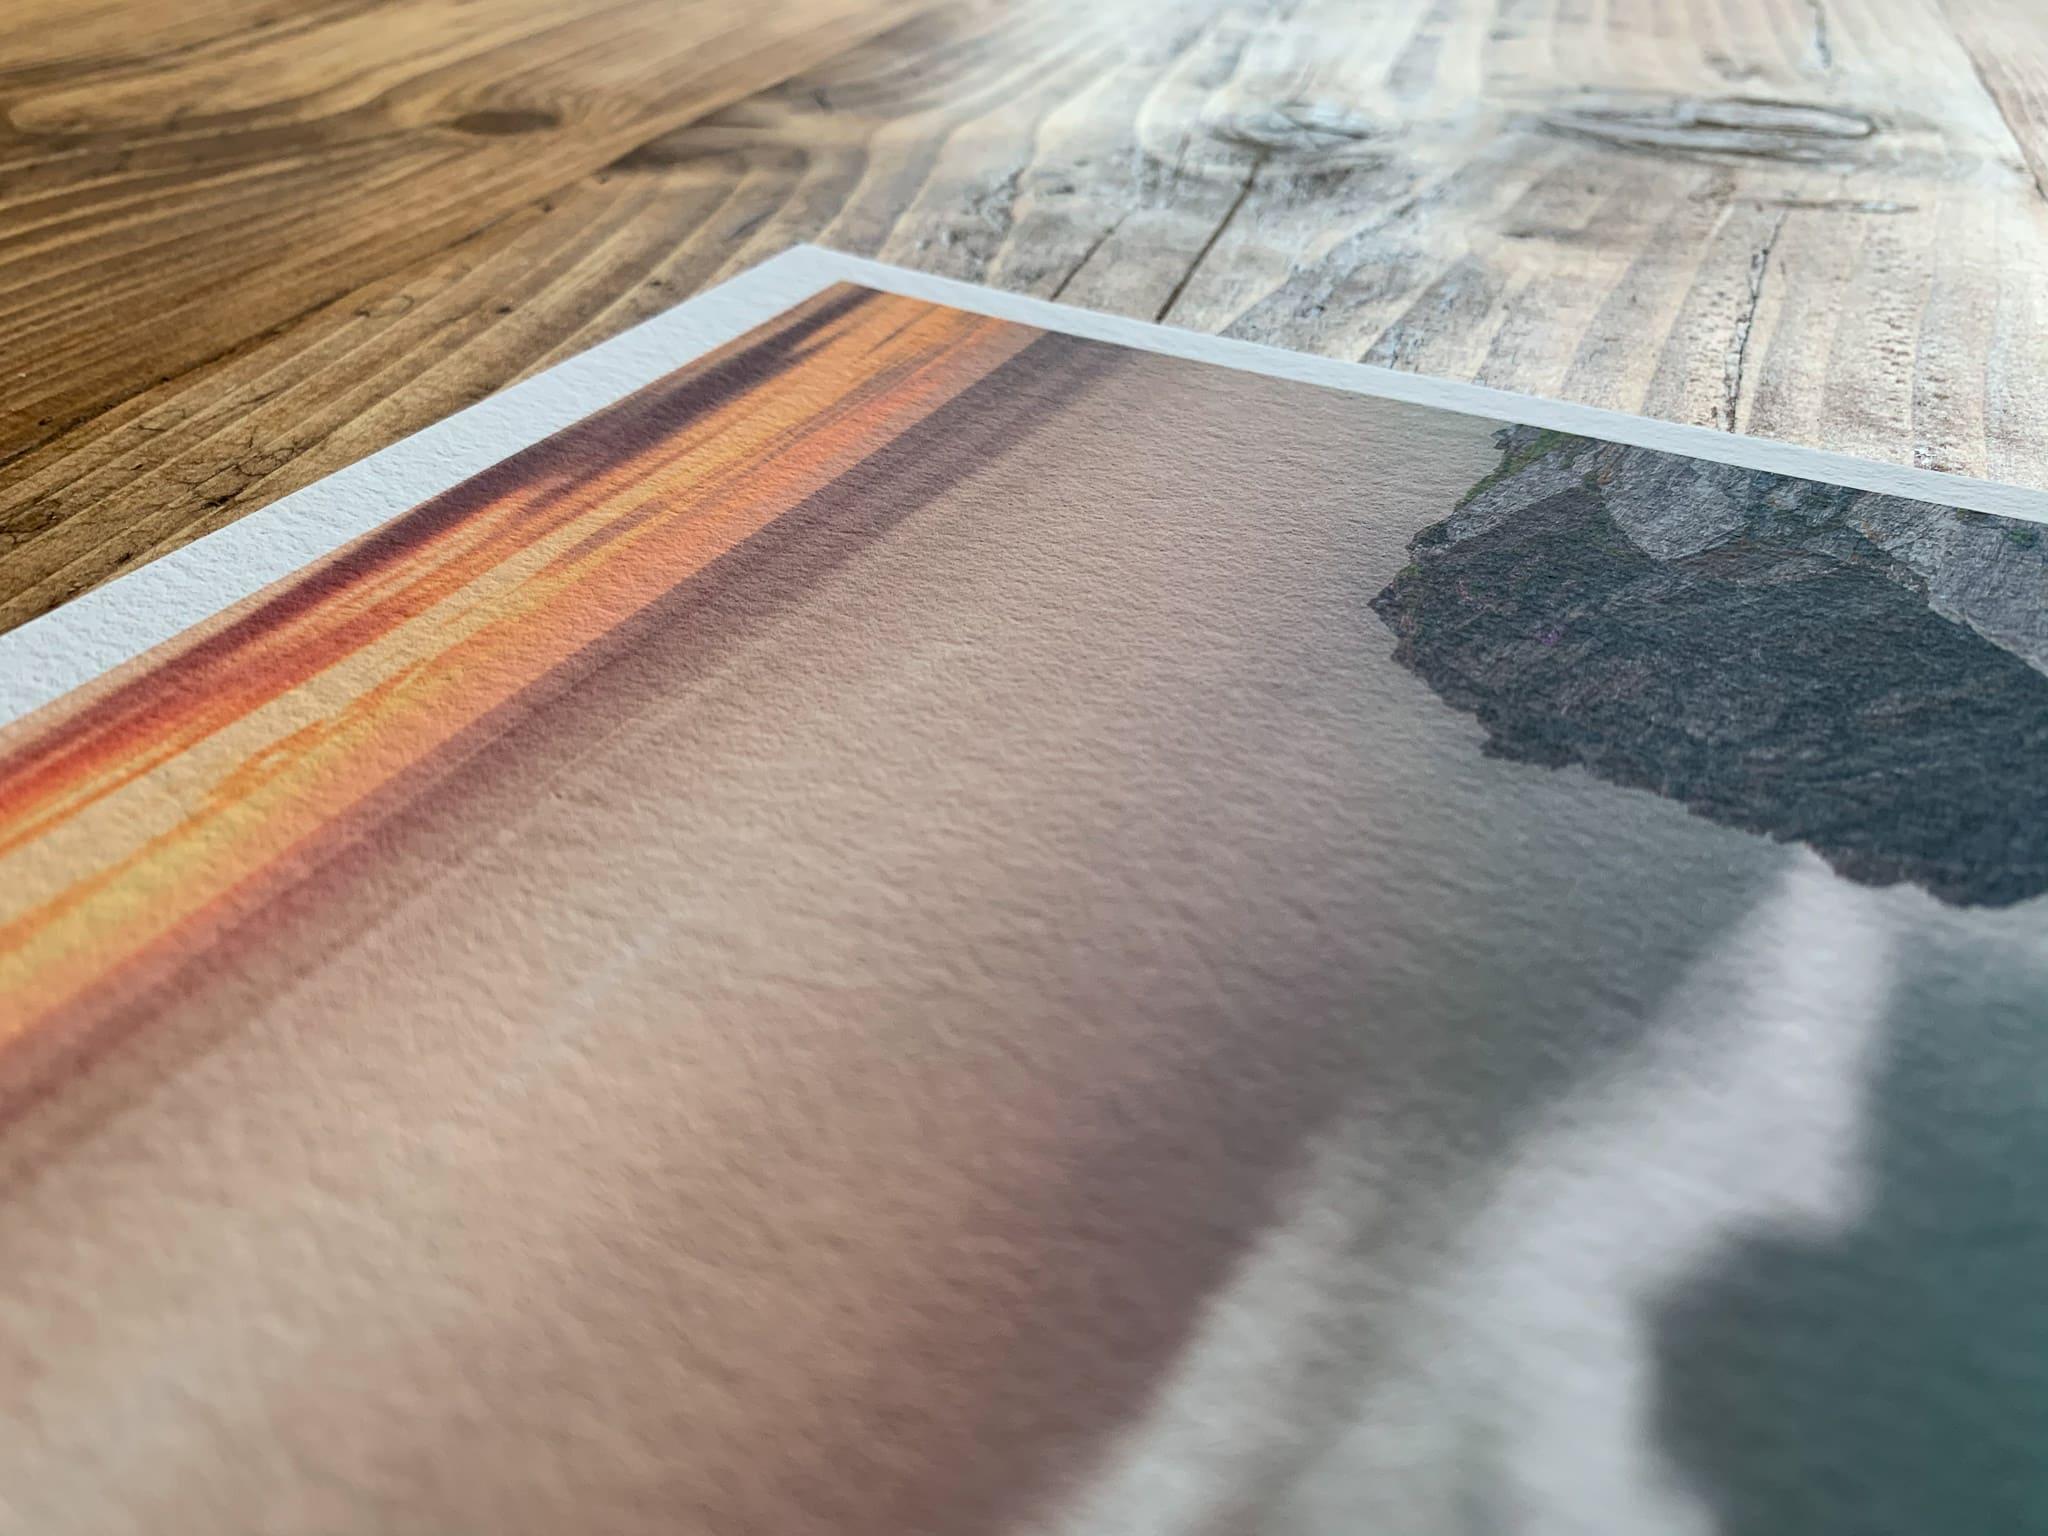 Francesco Gola Seascape Long Exposure Photography Review Best Fine Art Paper Hahnemuhle Hahnemühle 18